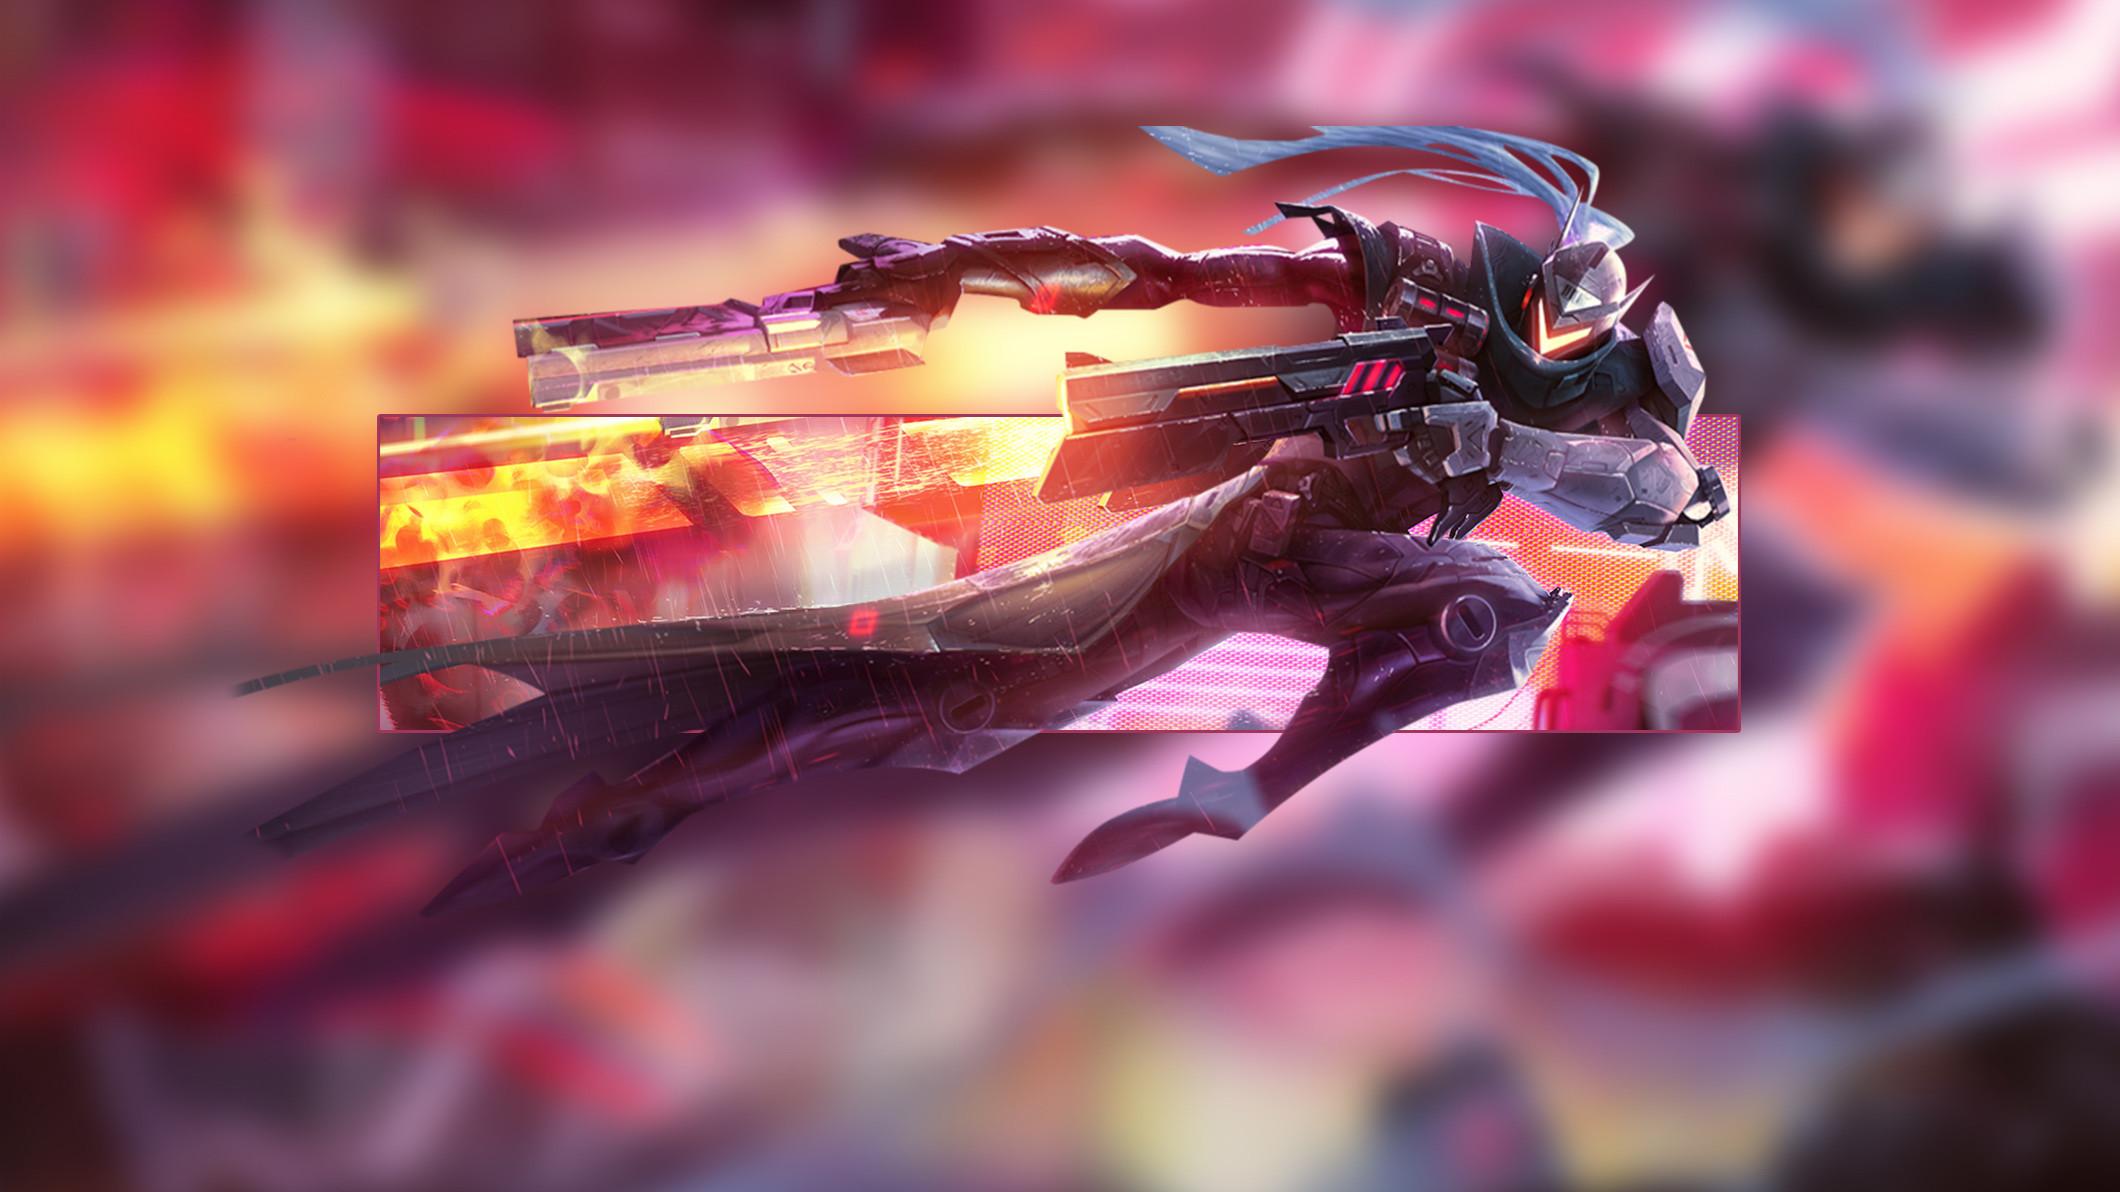 Project Lucian by Insane HD Wallpaper Fan Art Artwork League of Legends lol